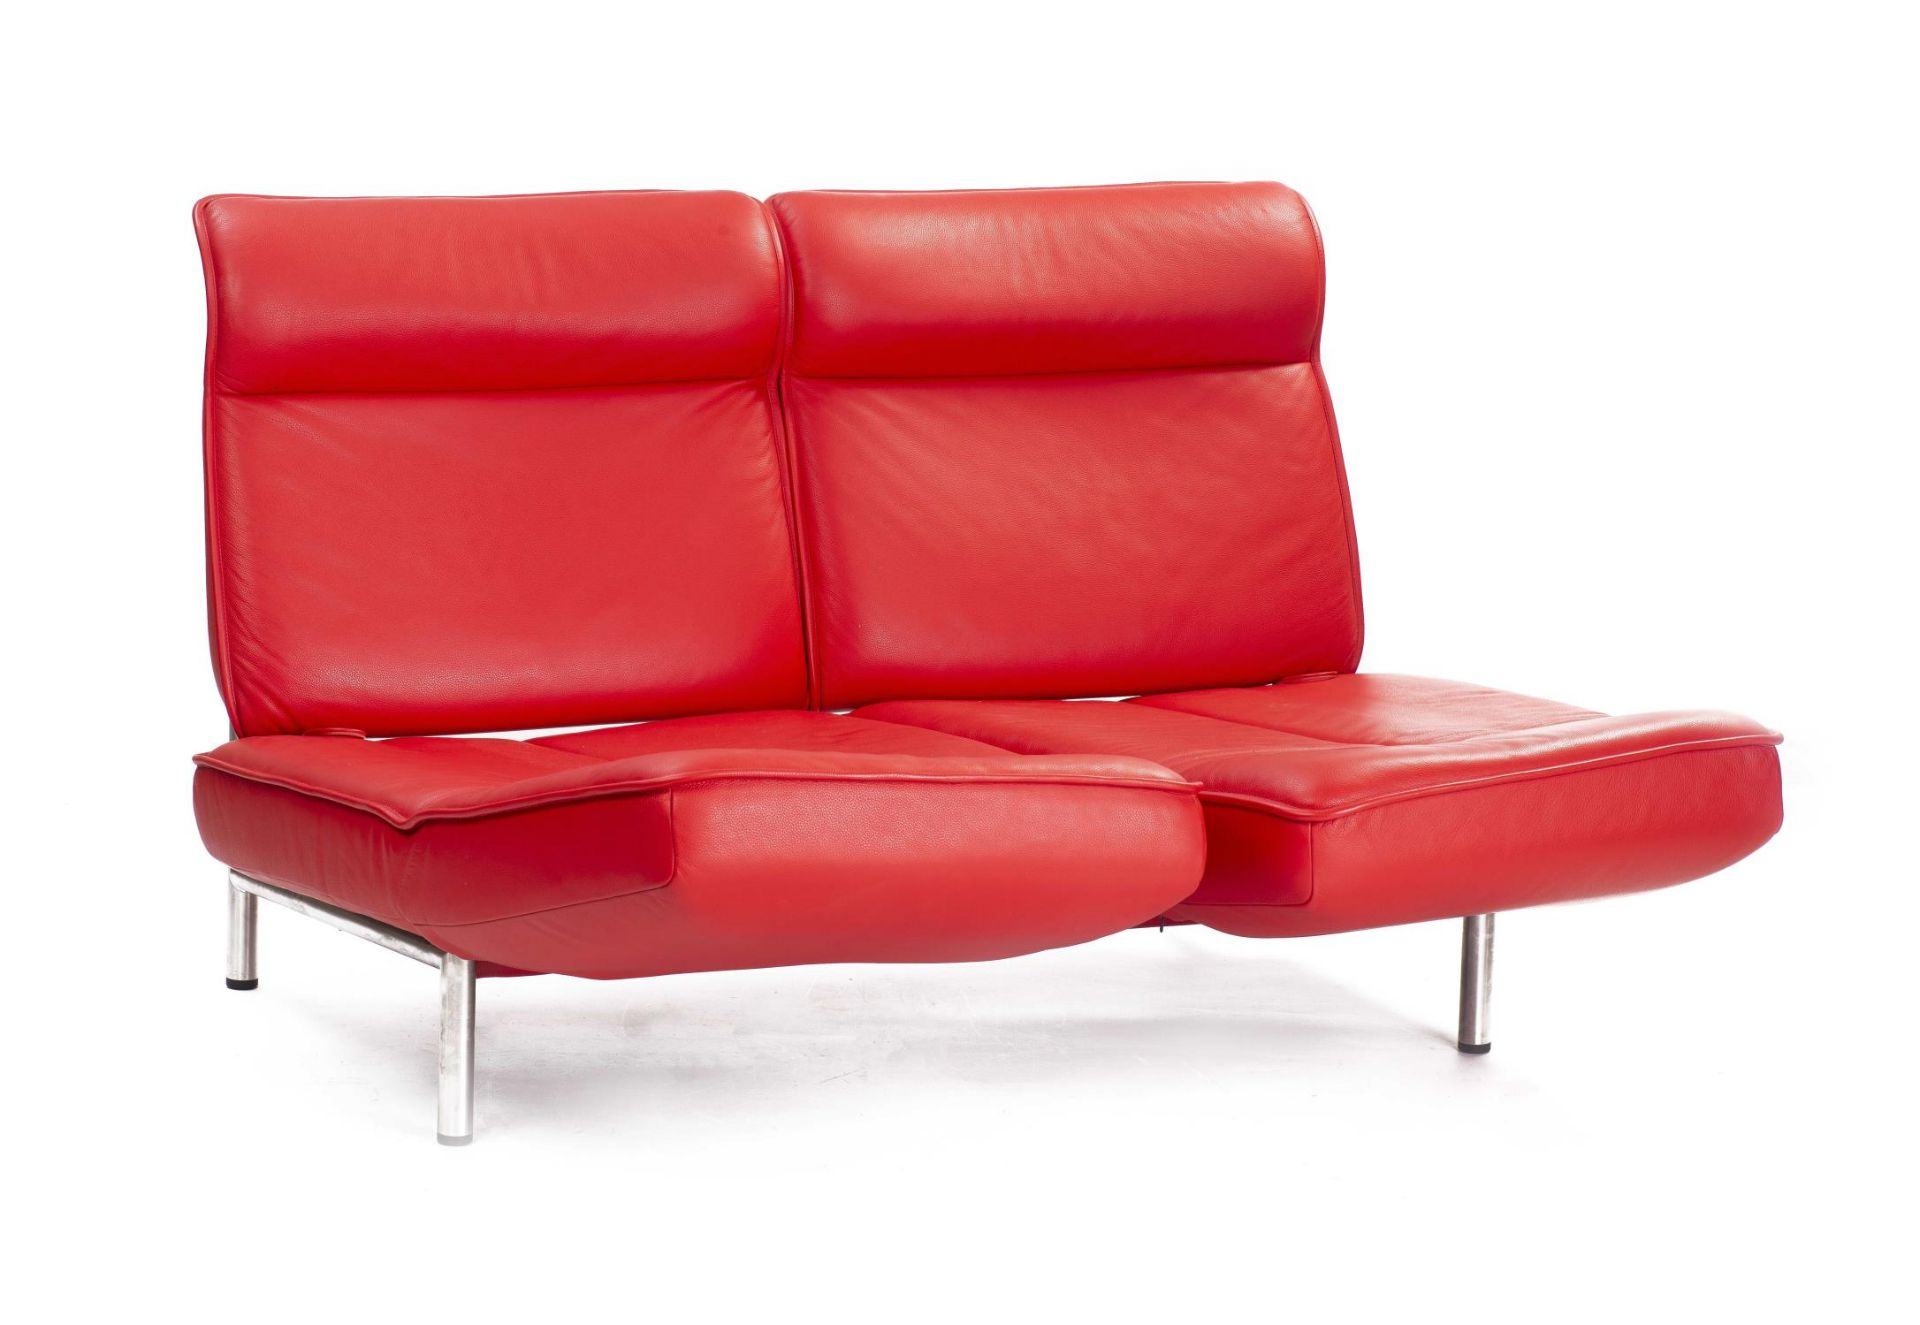 Thomas Althaus, canapé de Sède, modèle ds-450 - Bild 9 aus 10